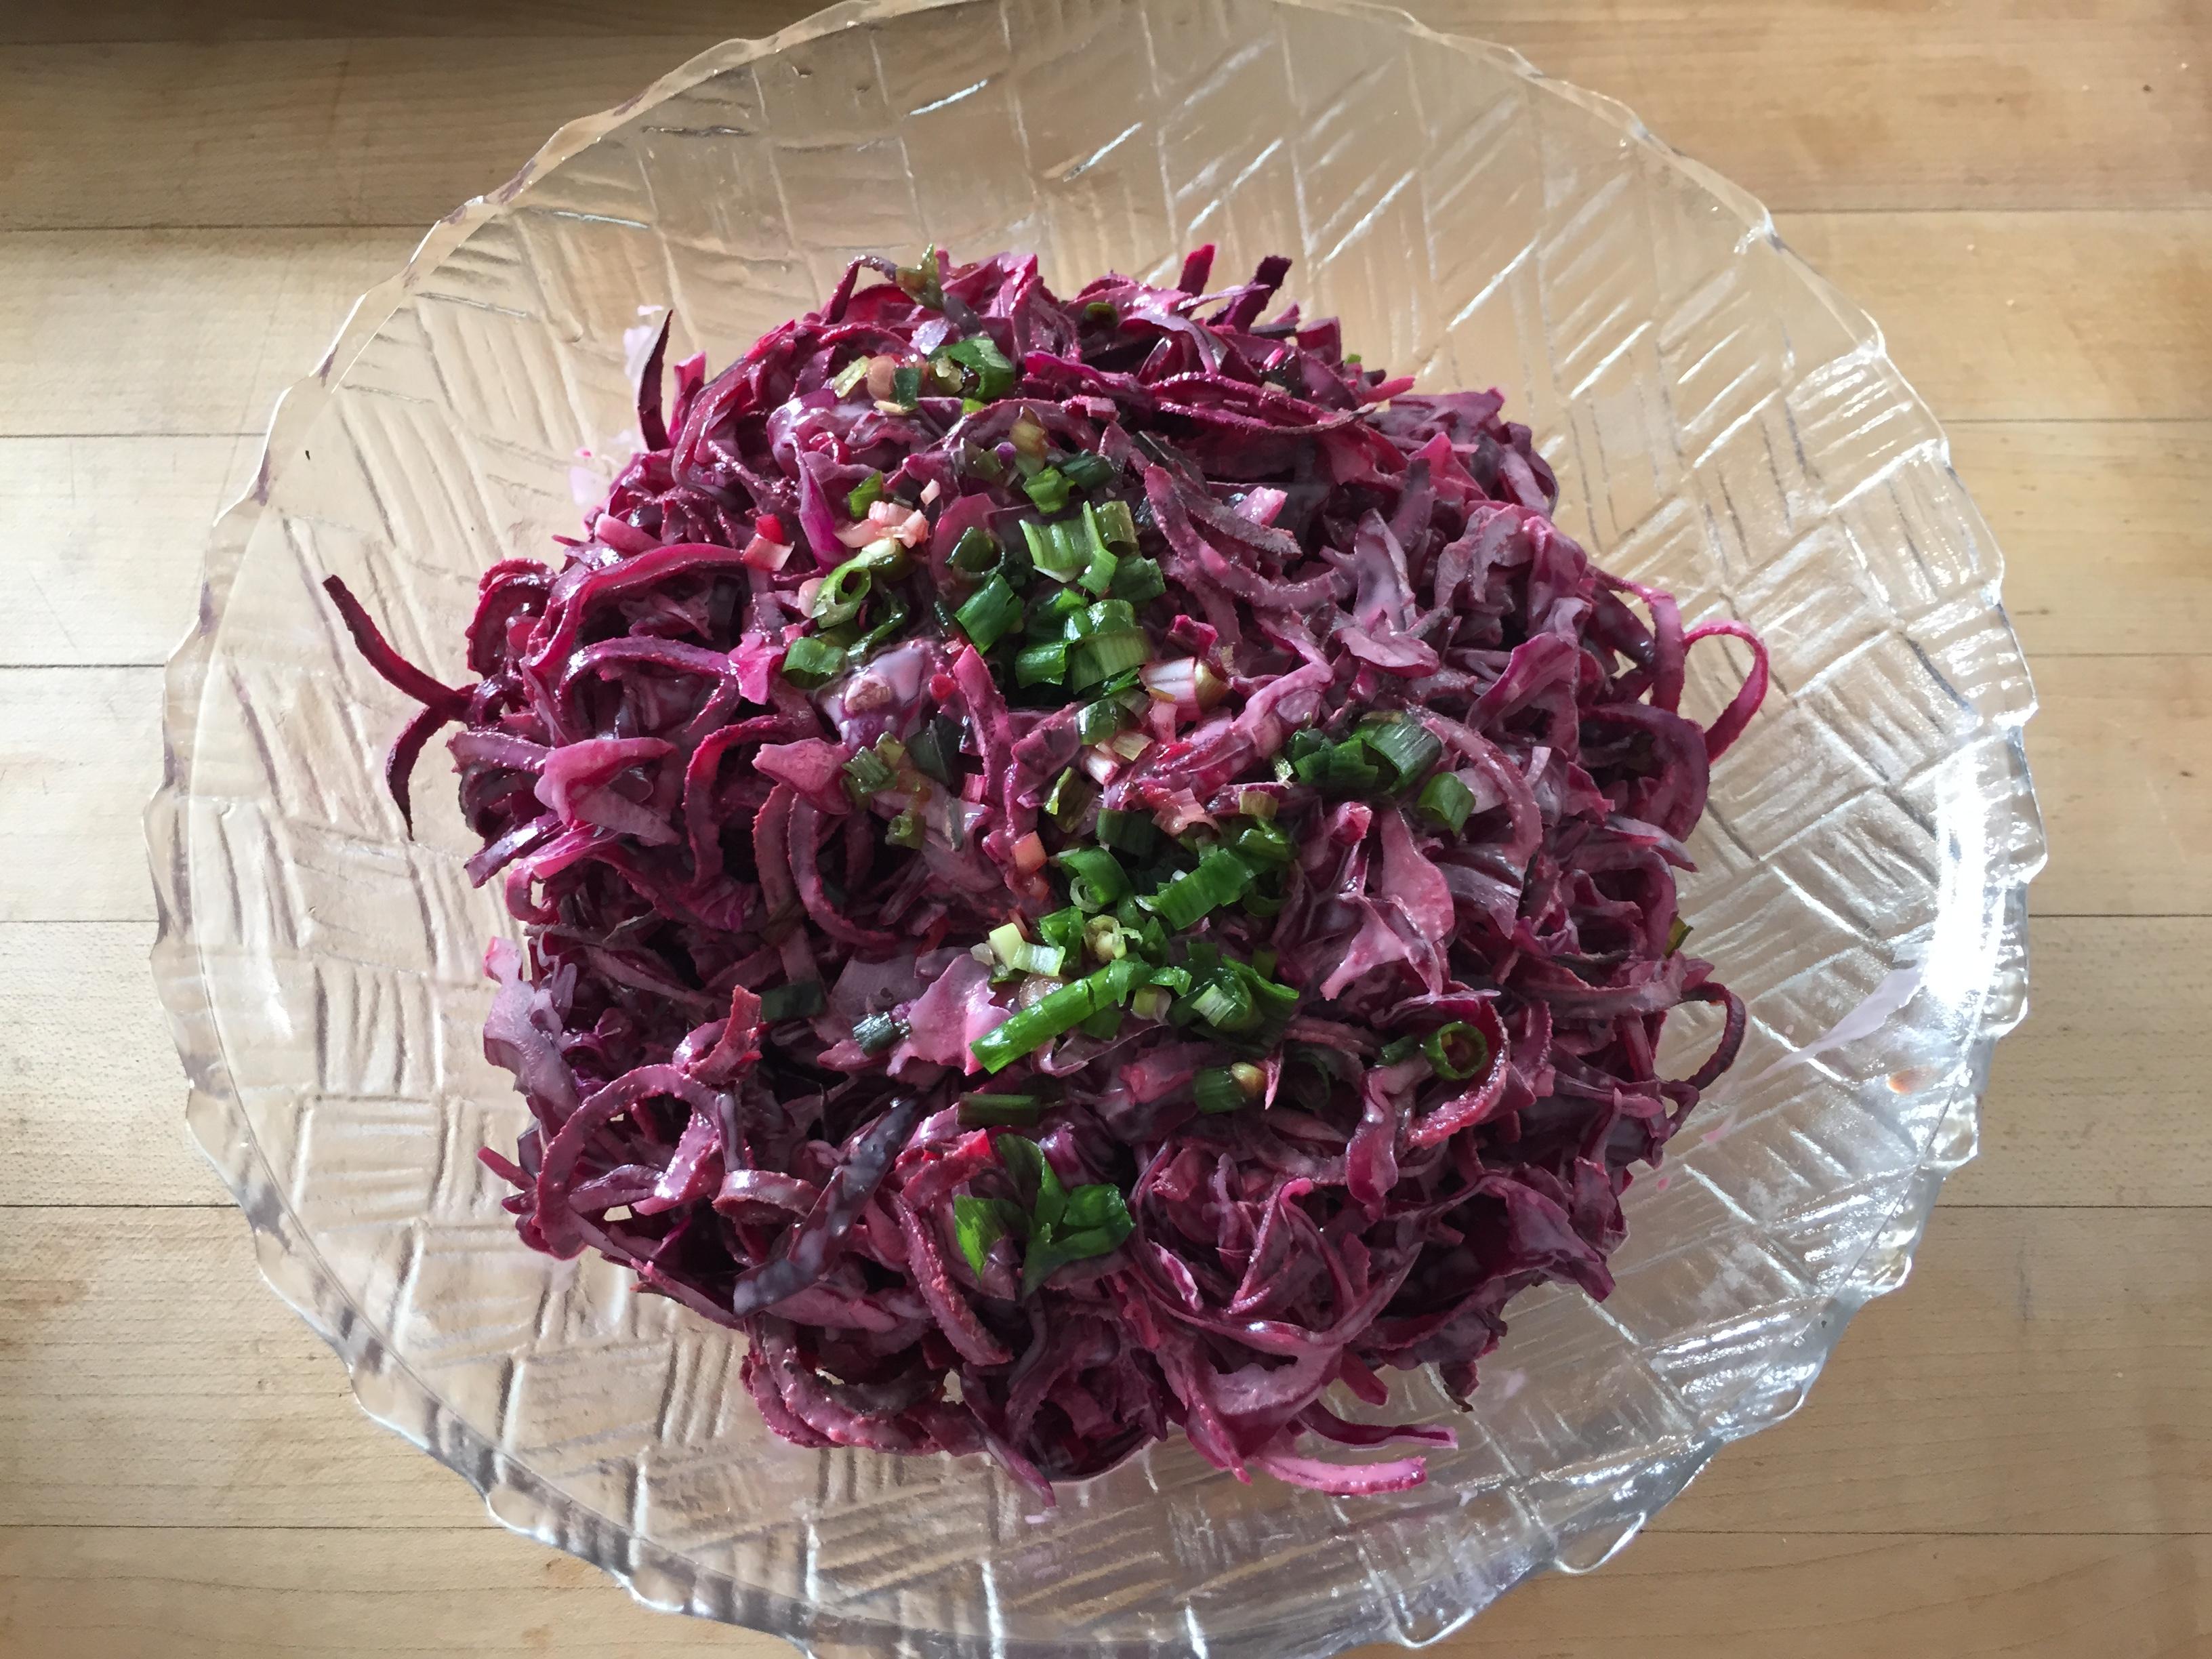 beet noodle salad in bowl